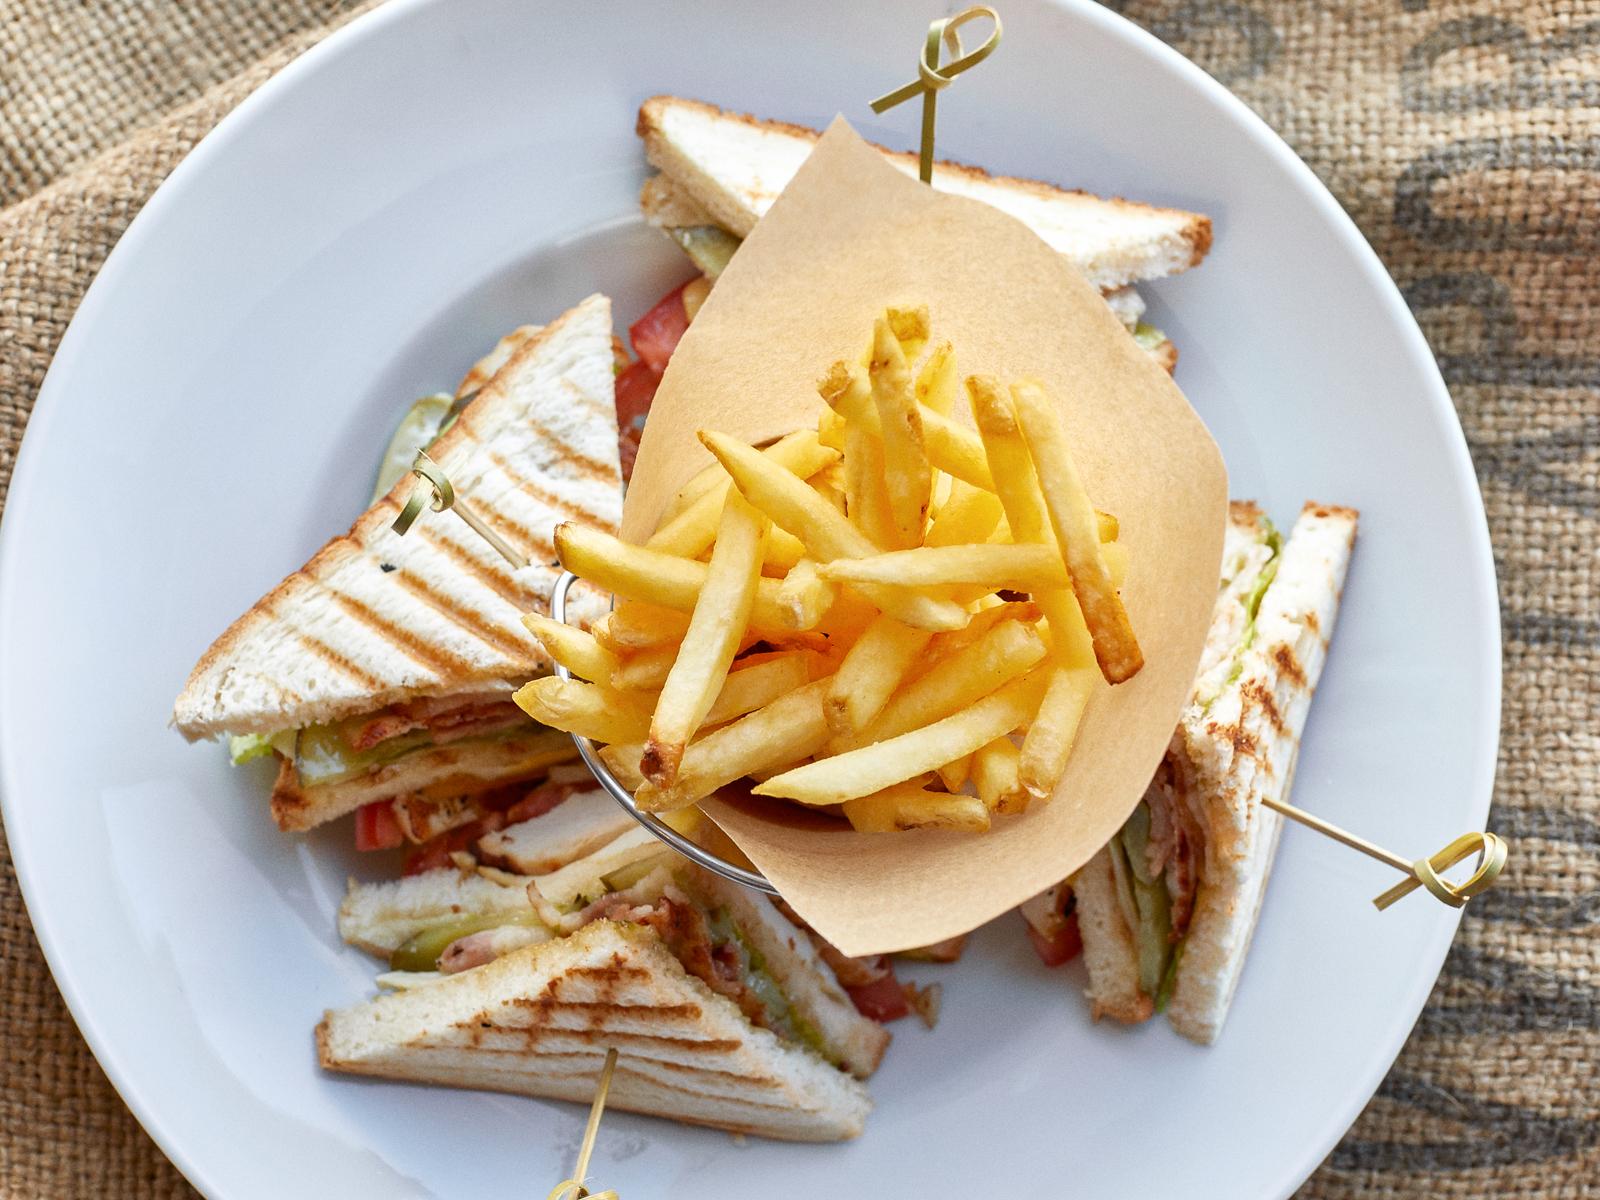 Большой клаб сэндвич с картофелем фри